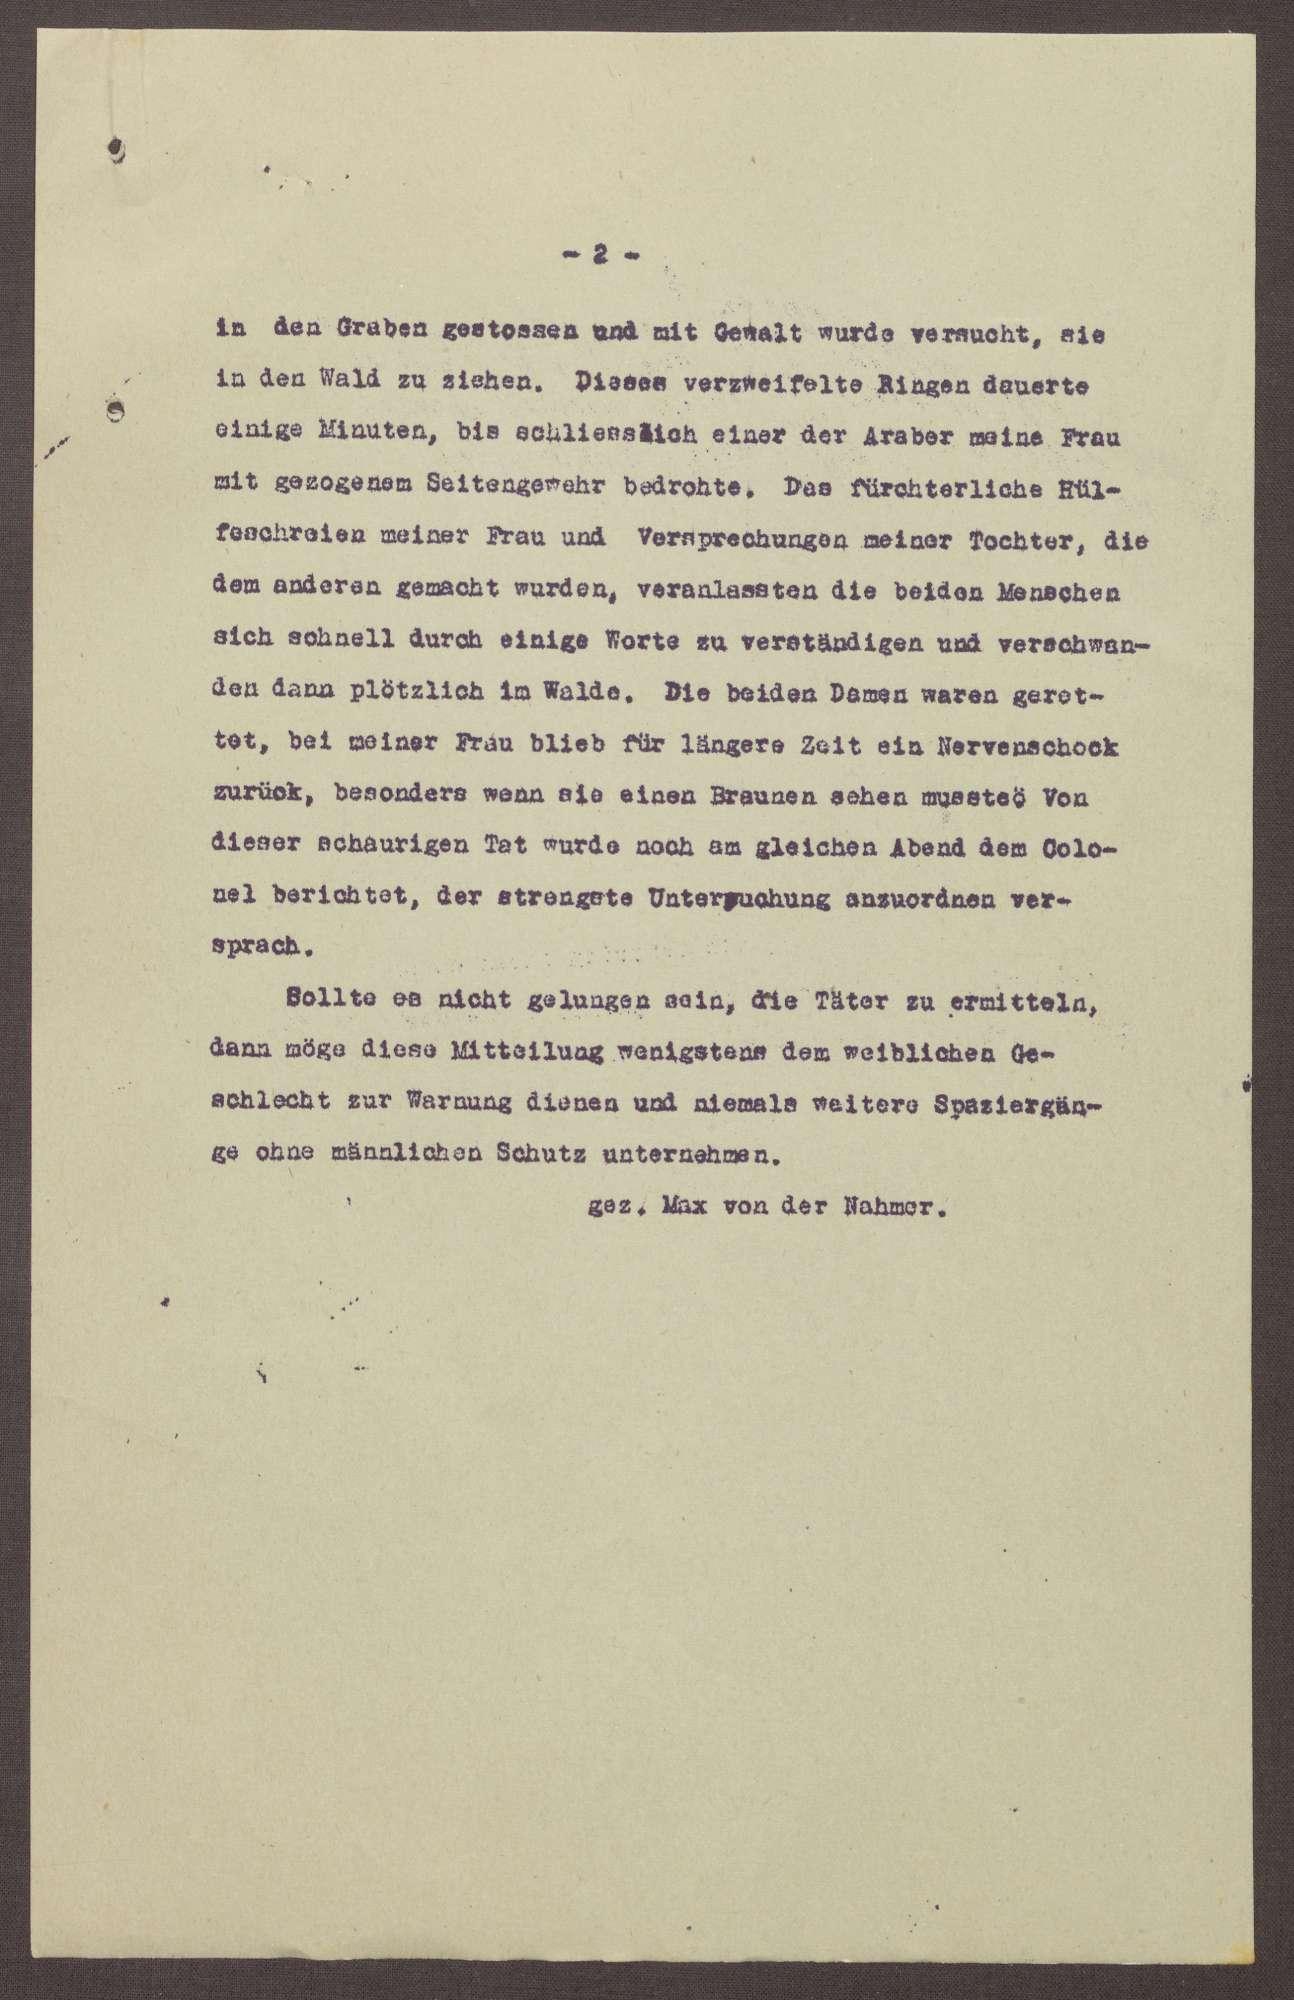 Schreiben an die Polizeibehörden in Bad Schwalbach; Bericht über eine versuchte Vergewaltigung der Tochter und Ehefrau, Bild 2